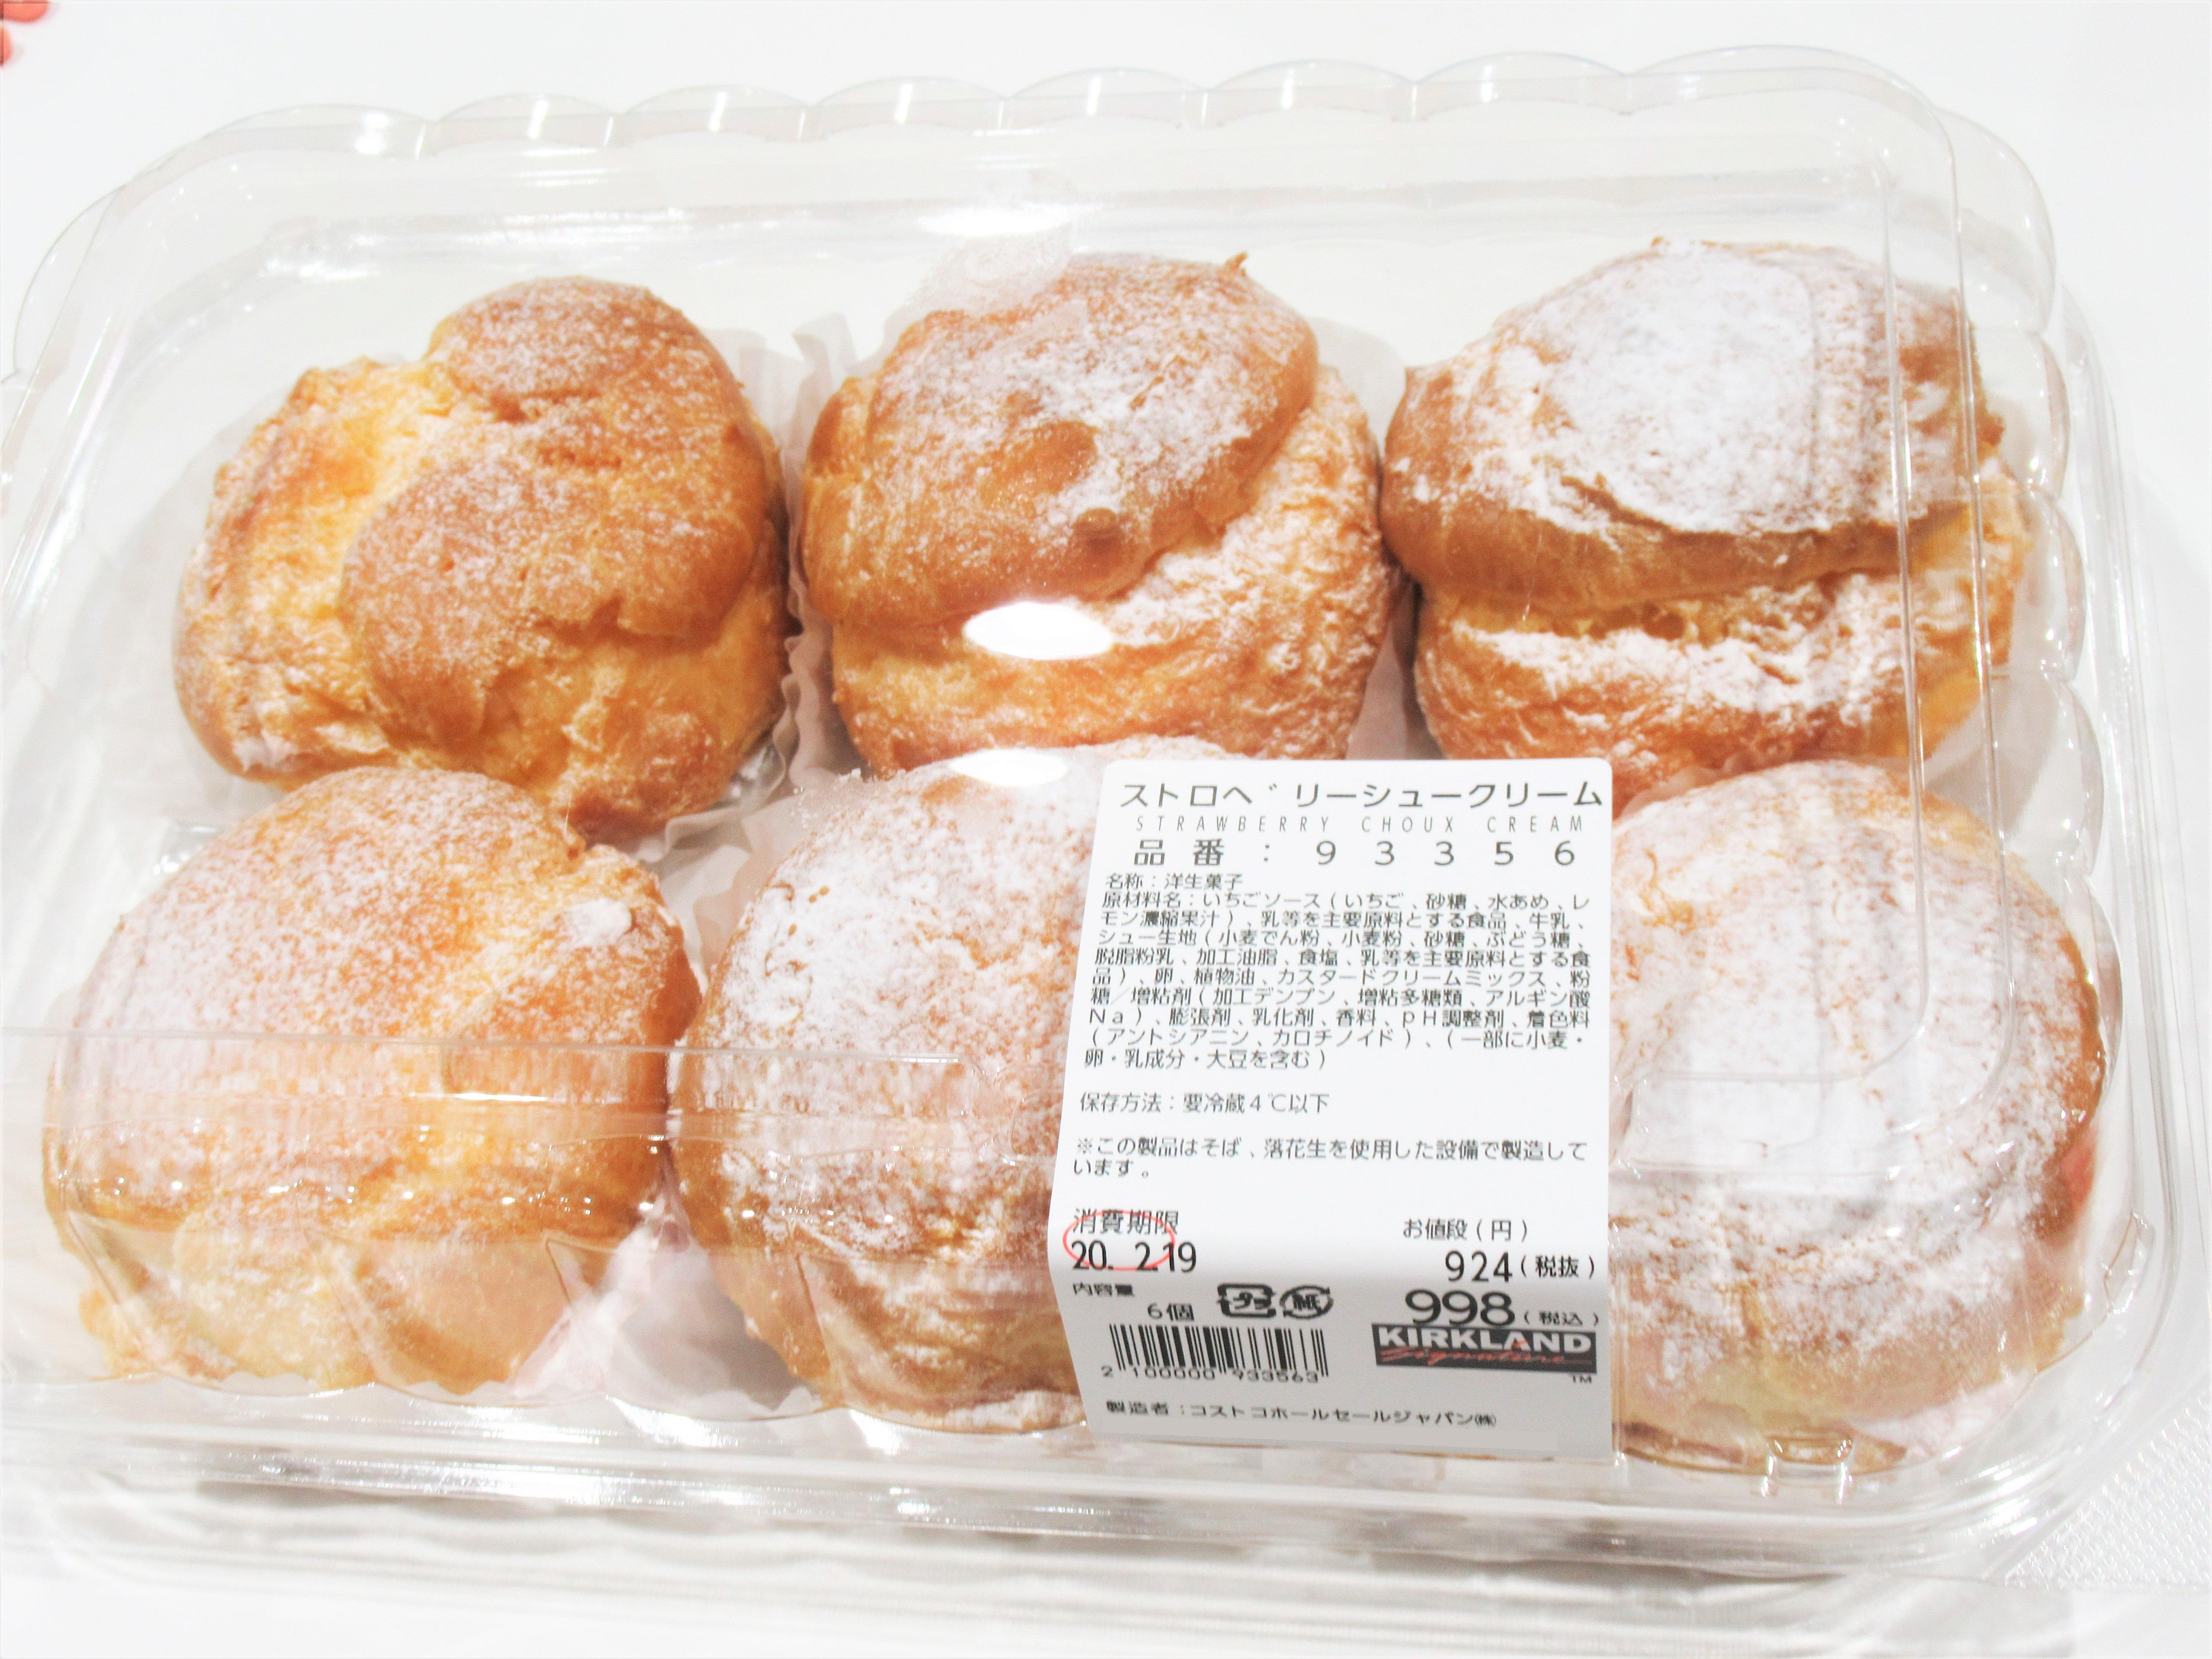 コストコ「ストロベリーシュークリーム」1個が約166円!シューの中身は…?オススメな保存方法と食べ方はこれ!|ラク家事ブログ